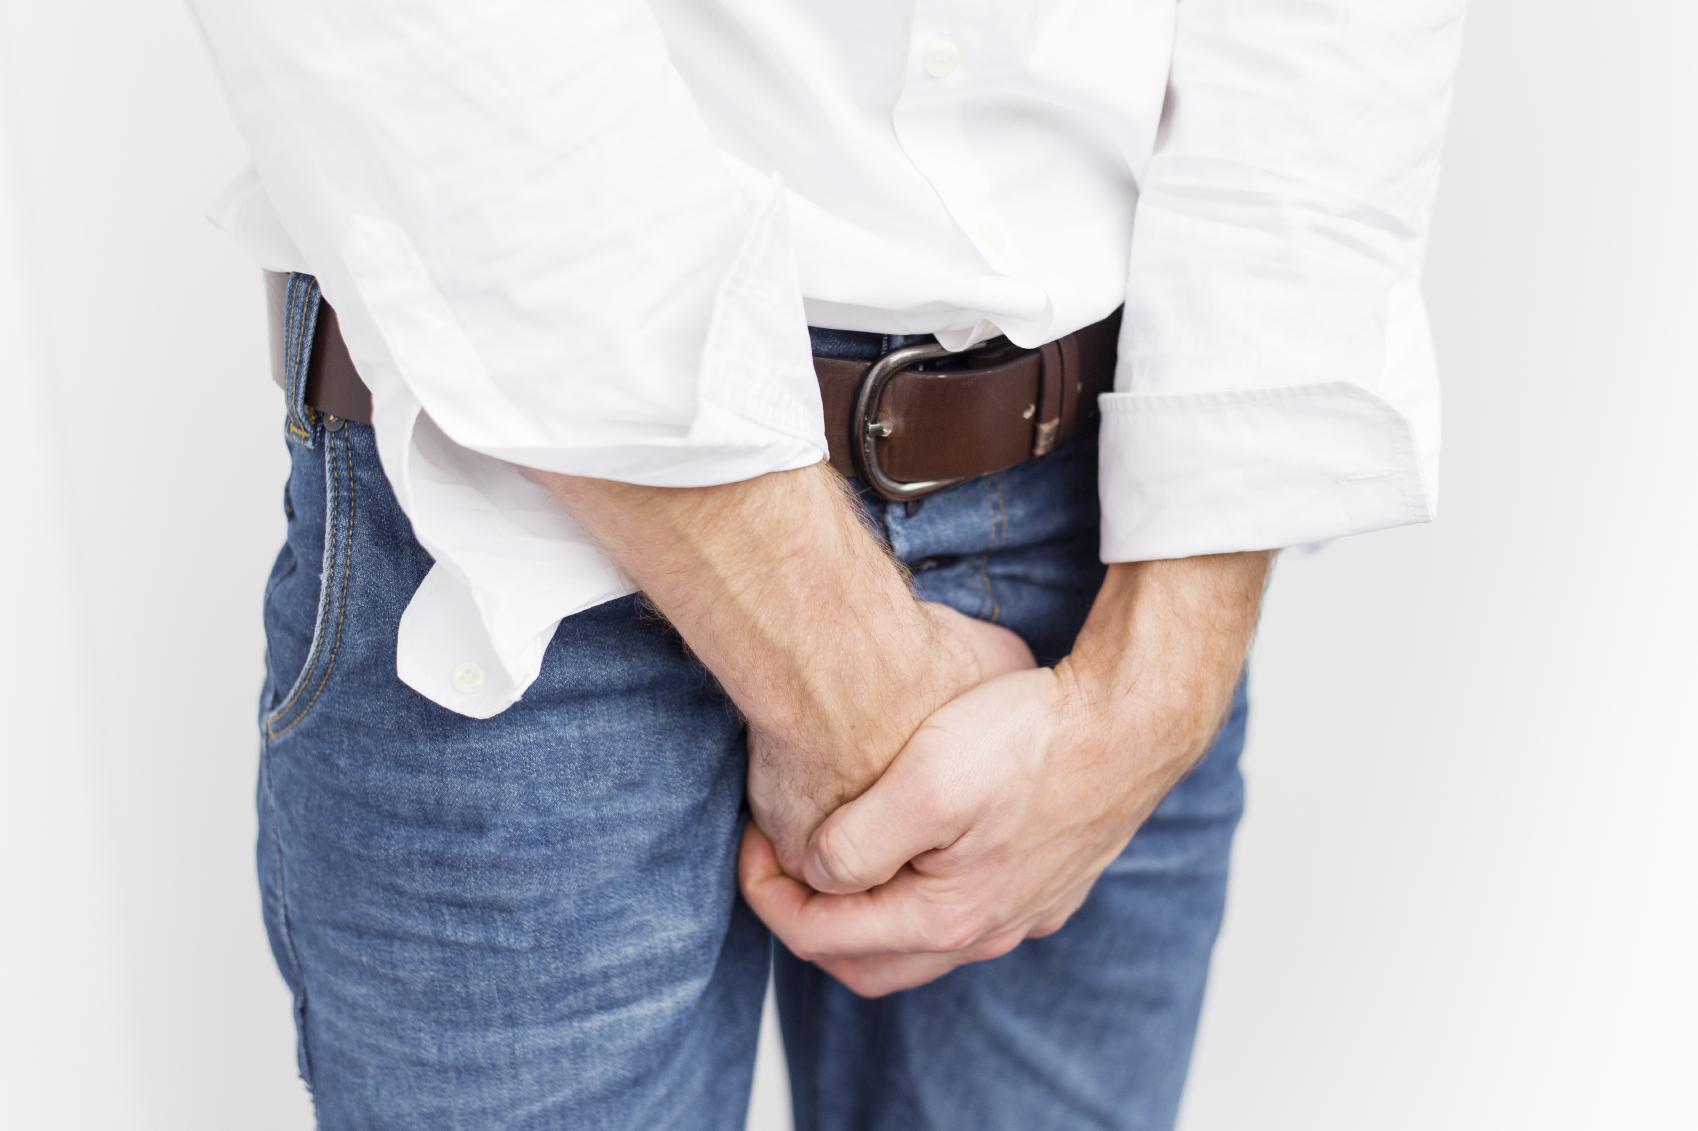 Normaliza la micción prostátricum